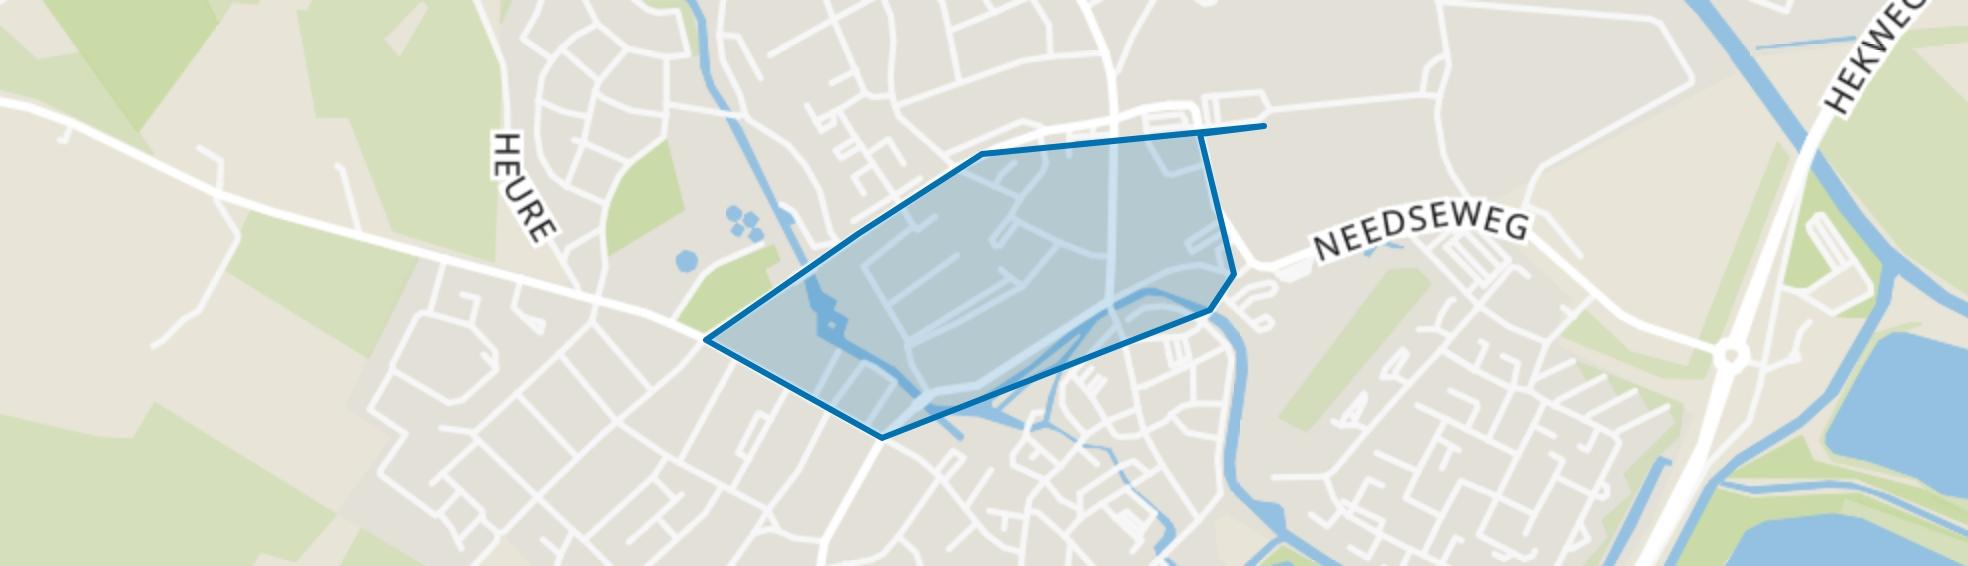 De Maat, Borculo map